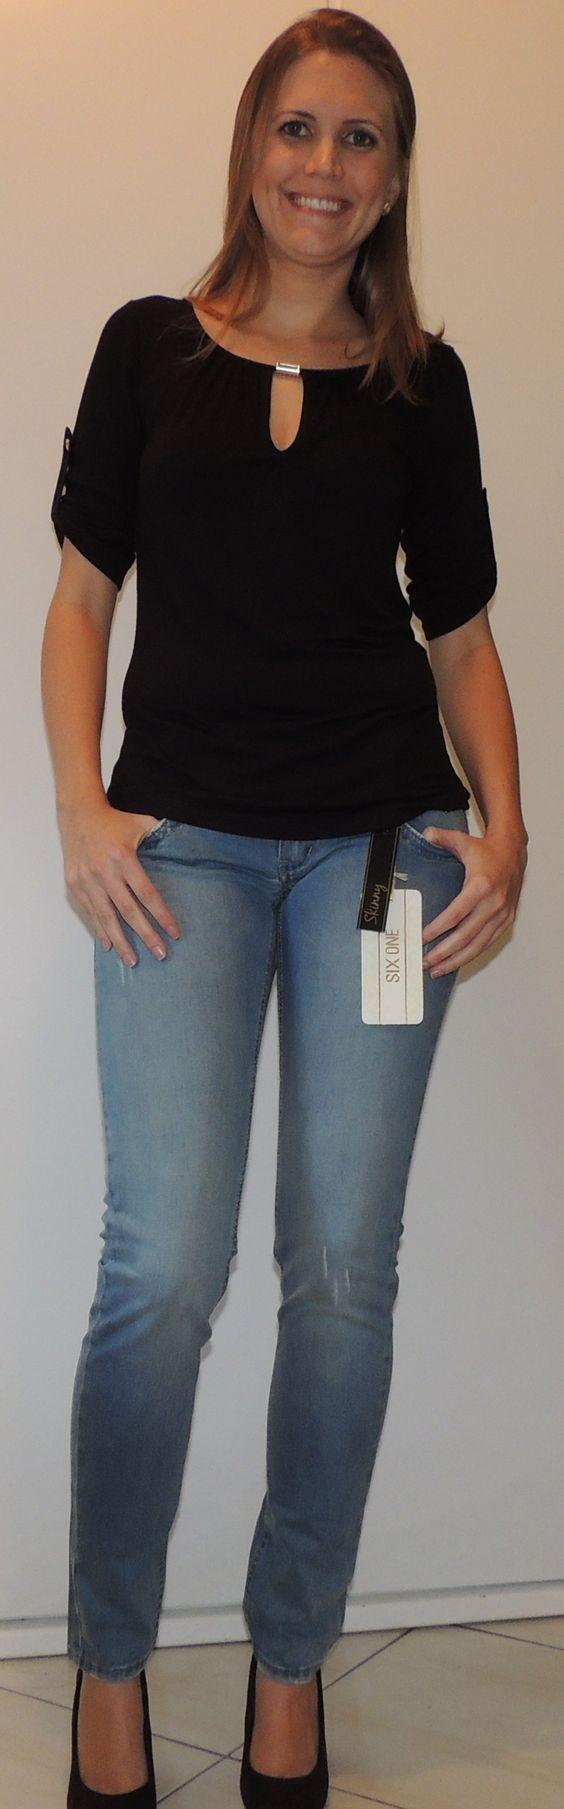 Blusa tamanho M Calça Jeans tamanhos 36 ao 46